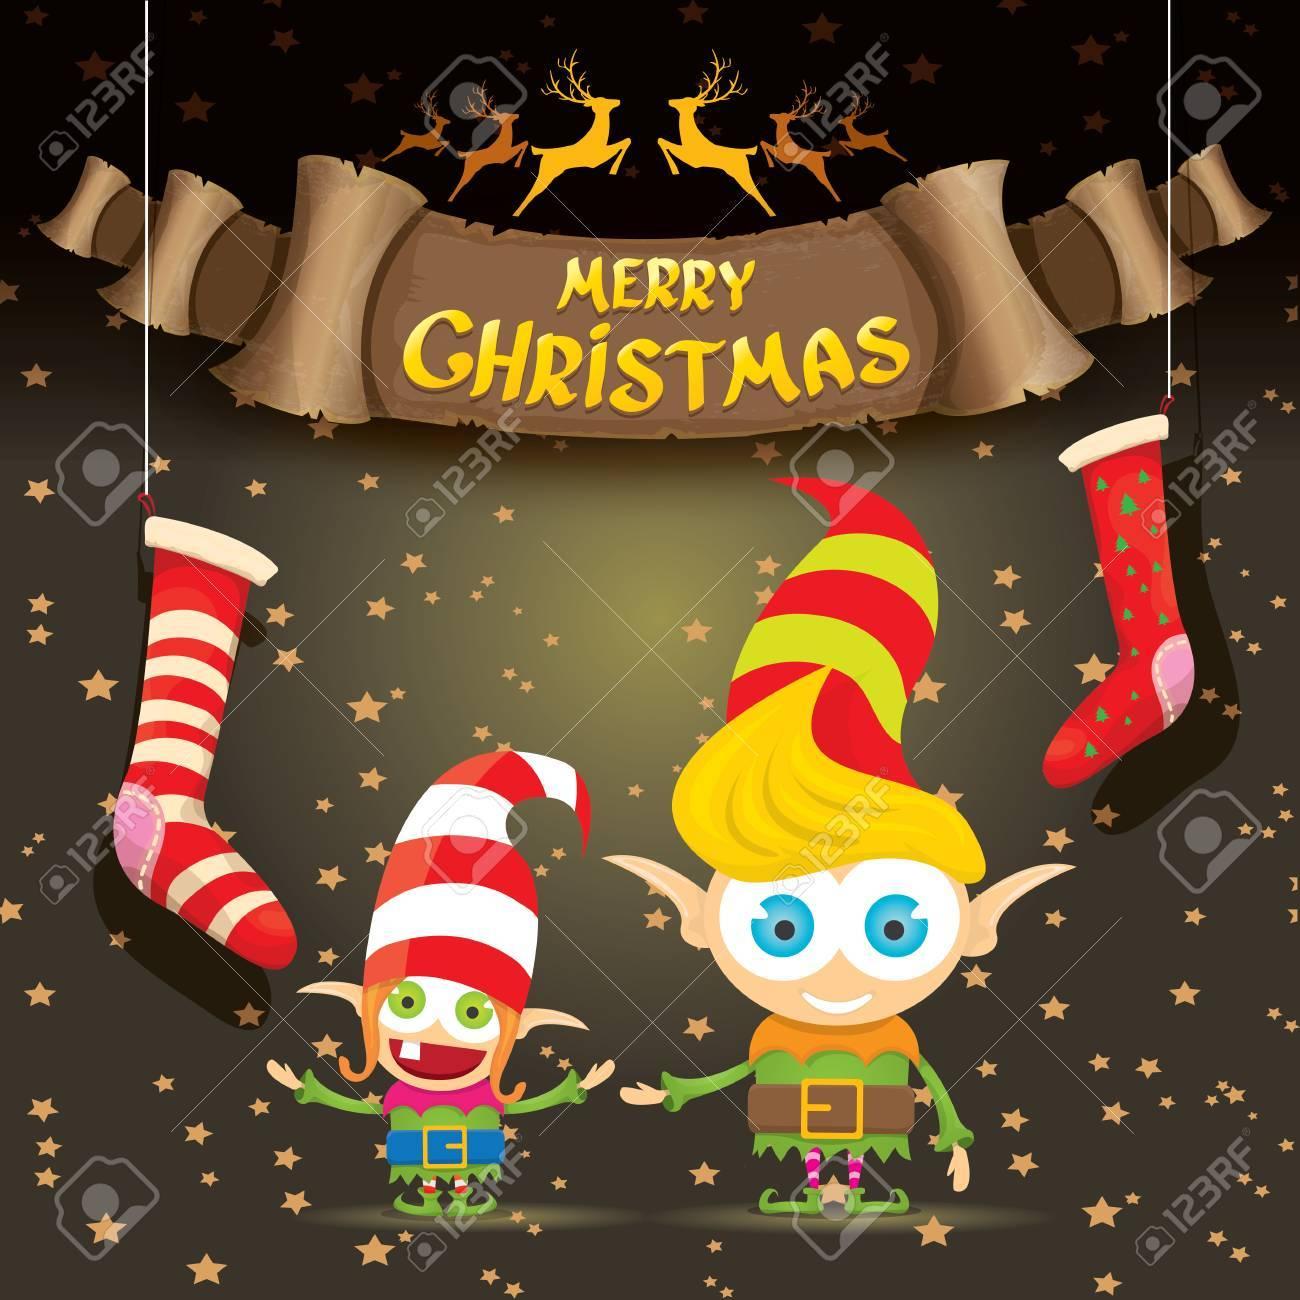 Vecteur Joyeux Carte De Voeux De Noël Avec Dessin Animé Noël Mignon